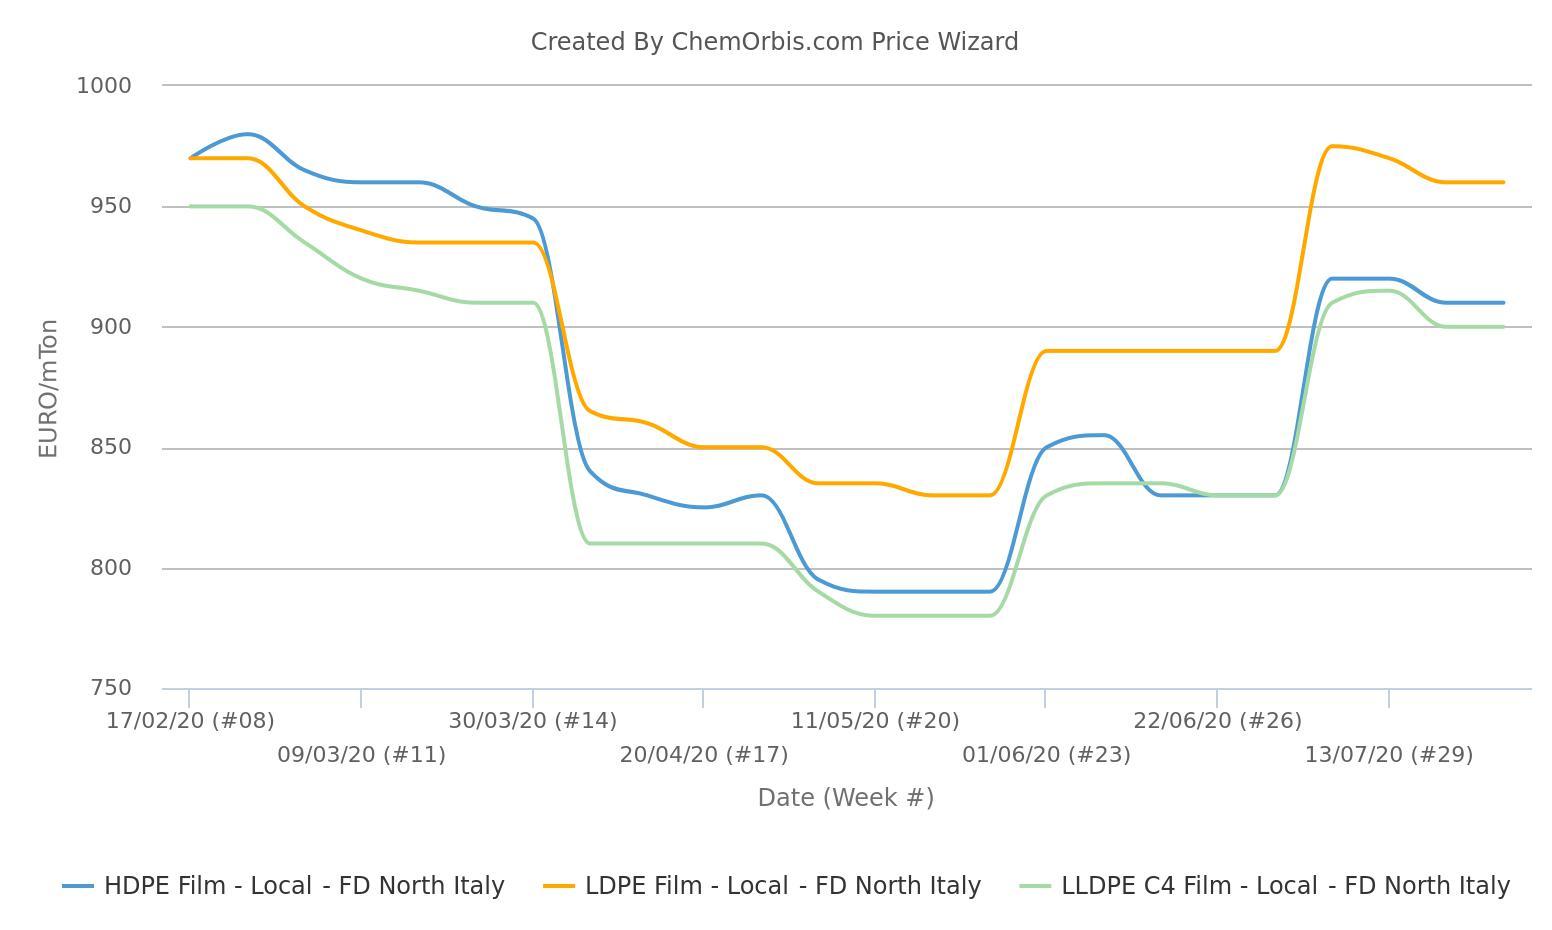 Giá PE gần đây đã đạt đến mức tiền virus ở mức trung bình hàng tuần sau hai tháng tăng vọt - thị trường PE châu Âu